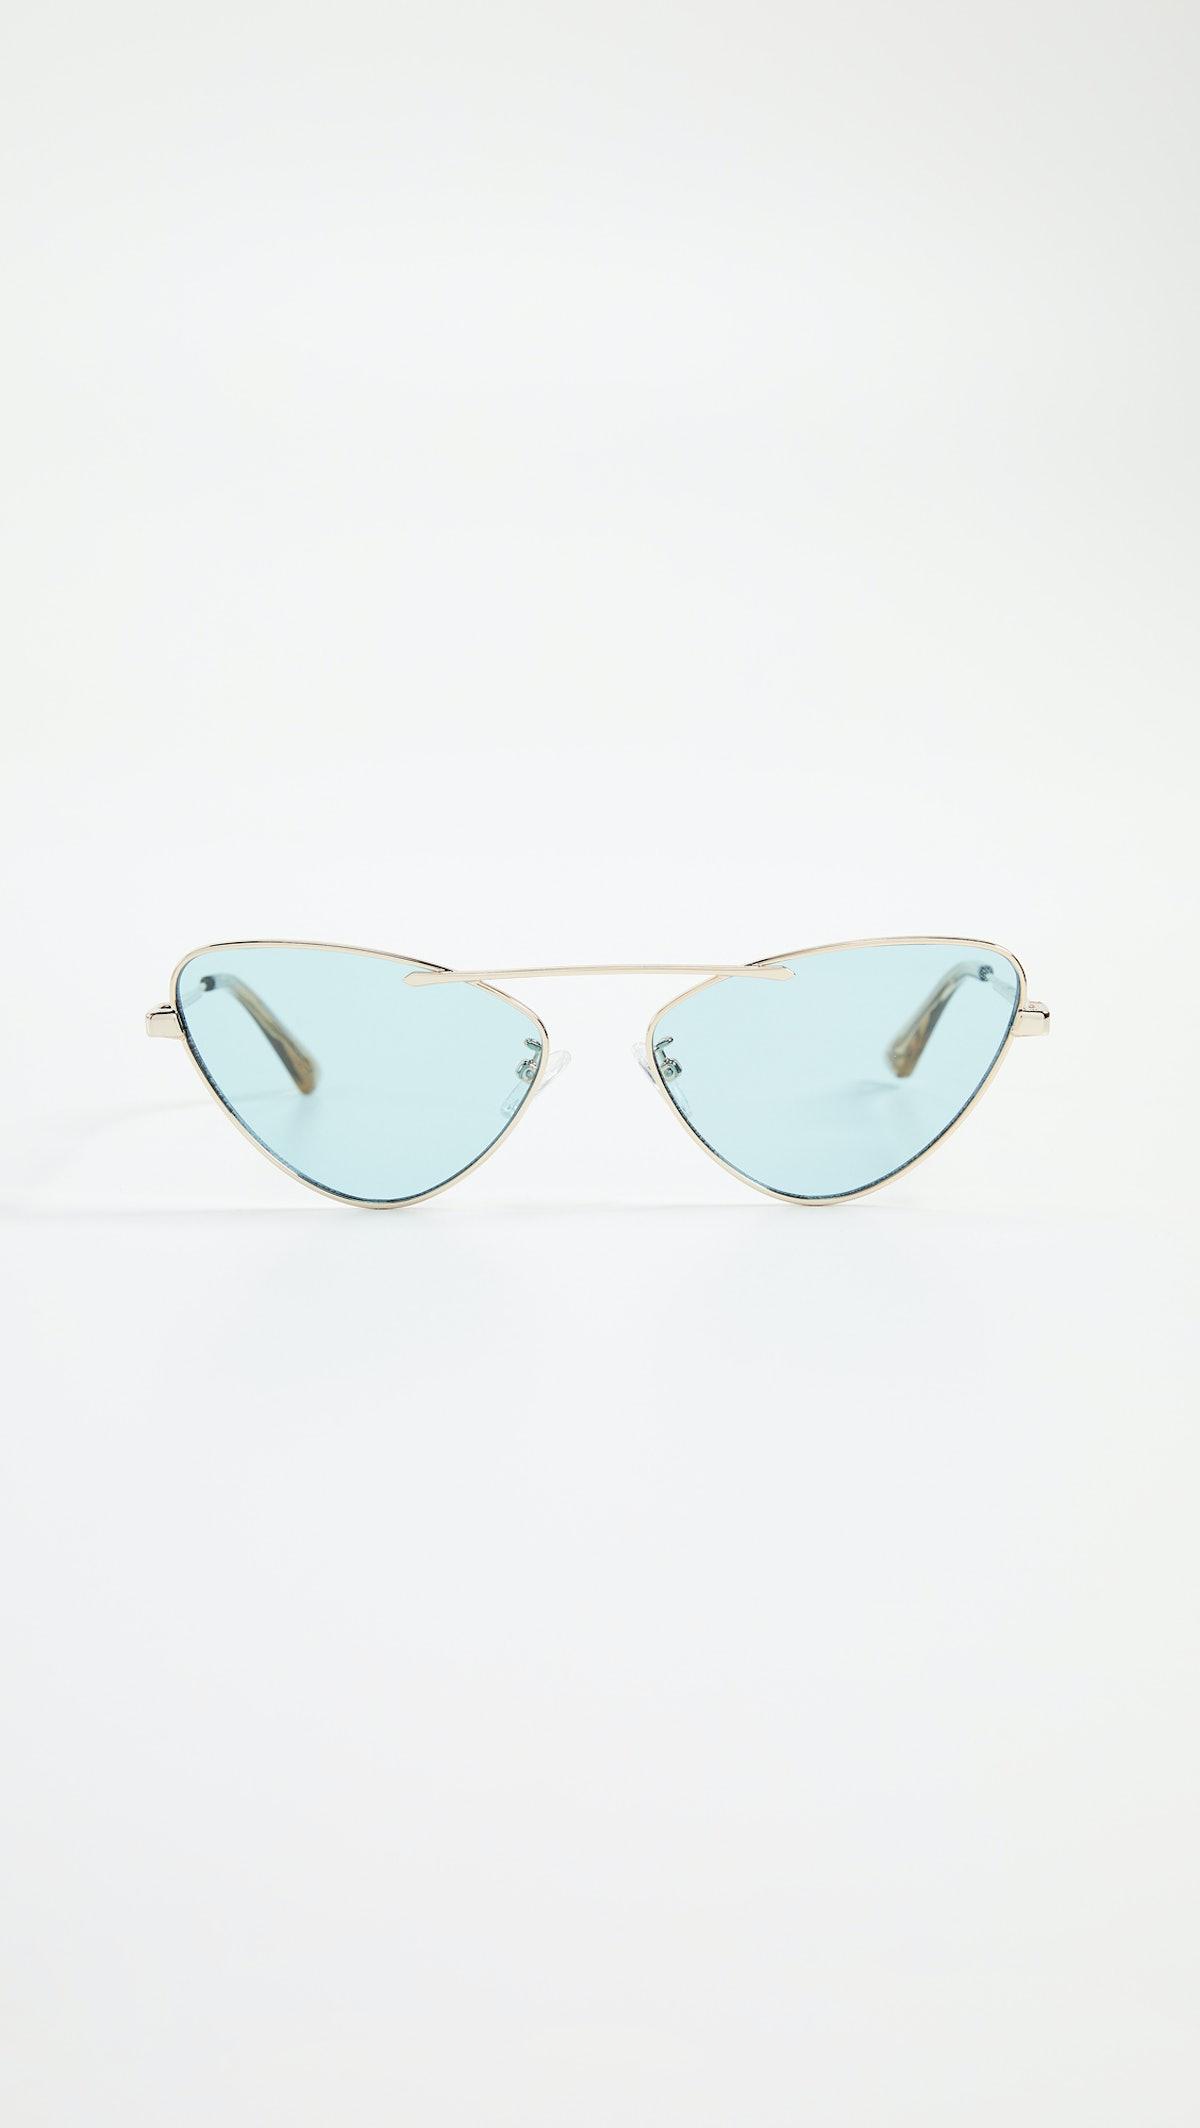 Narrow Cat-Eye Sunglasses